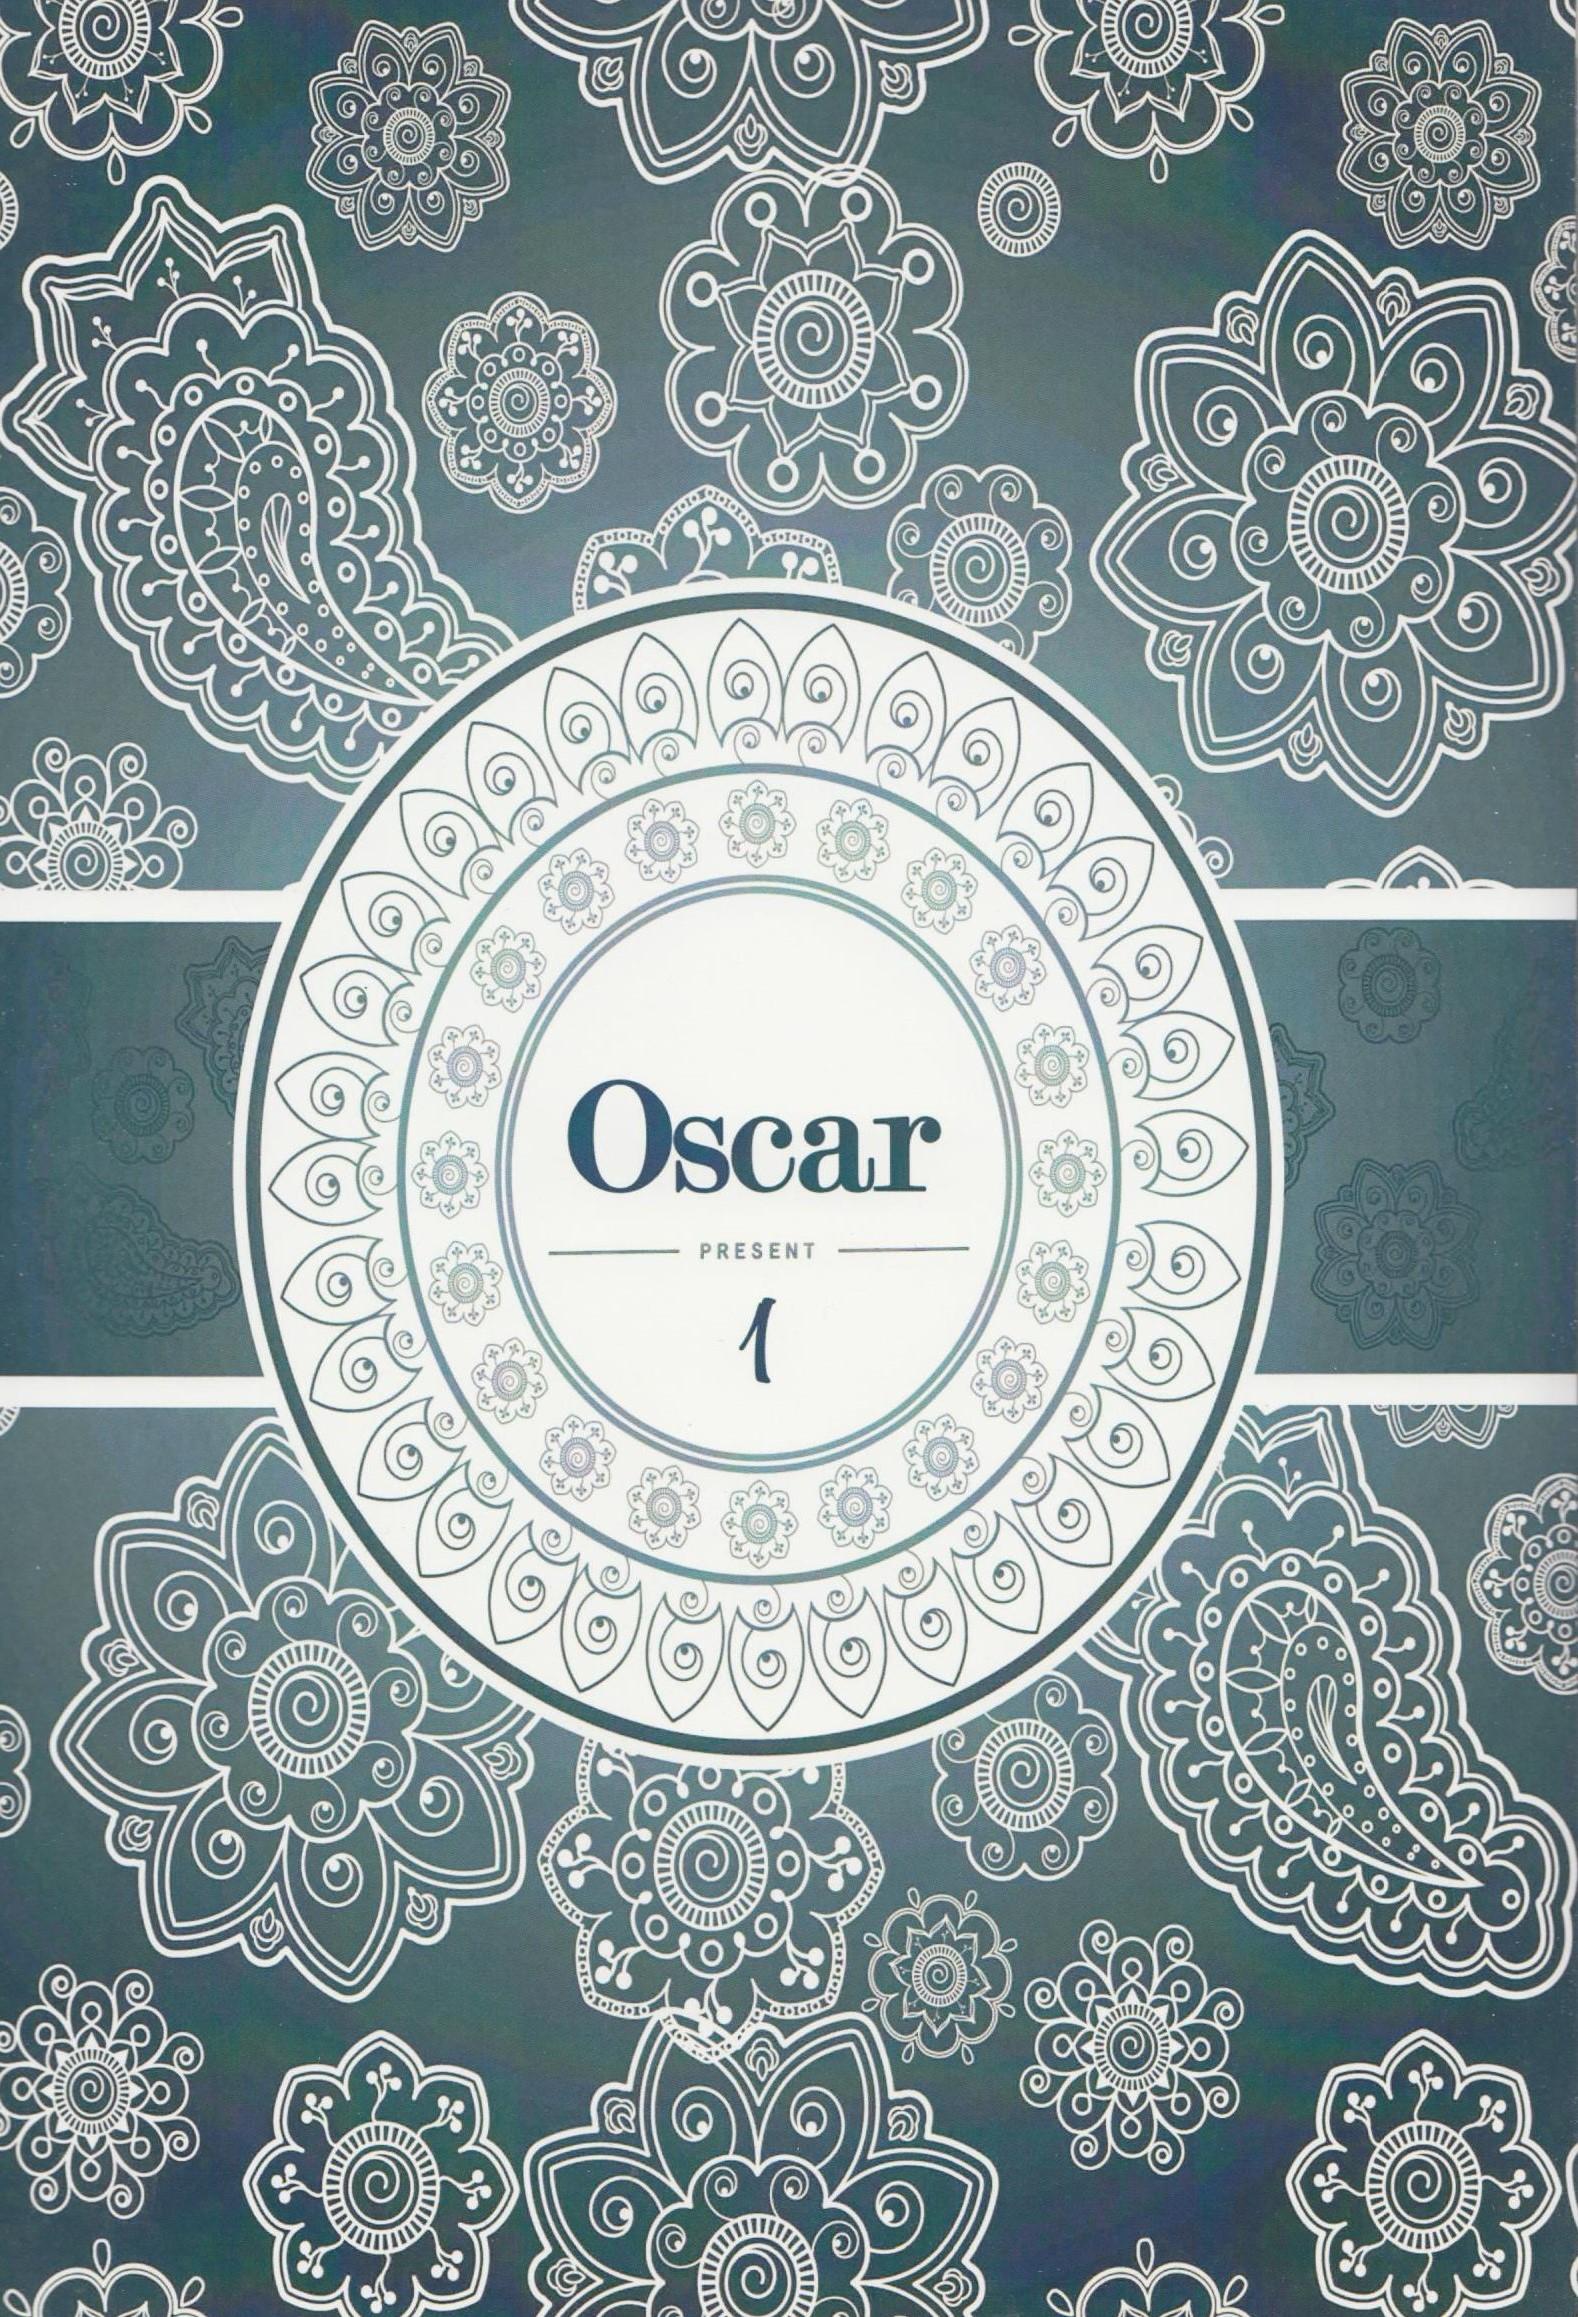 oscar_1_1